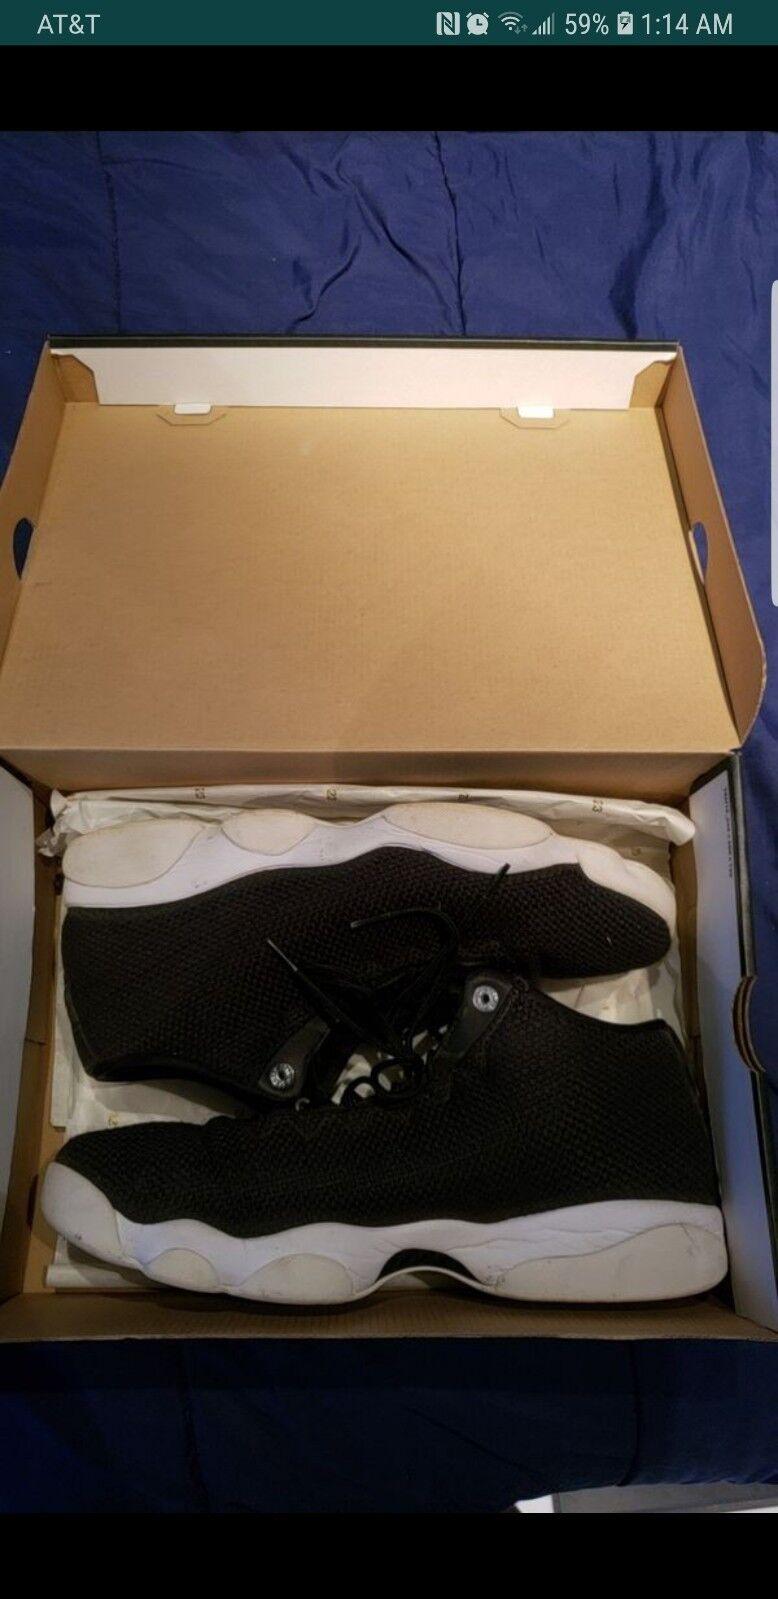 Nike uomini e e uomini 'jordan orizzonte bassa basket scarpe taglia 12 maglie bianco nero 2ddbb0